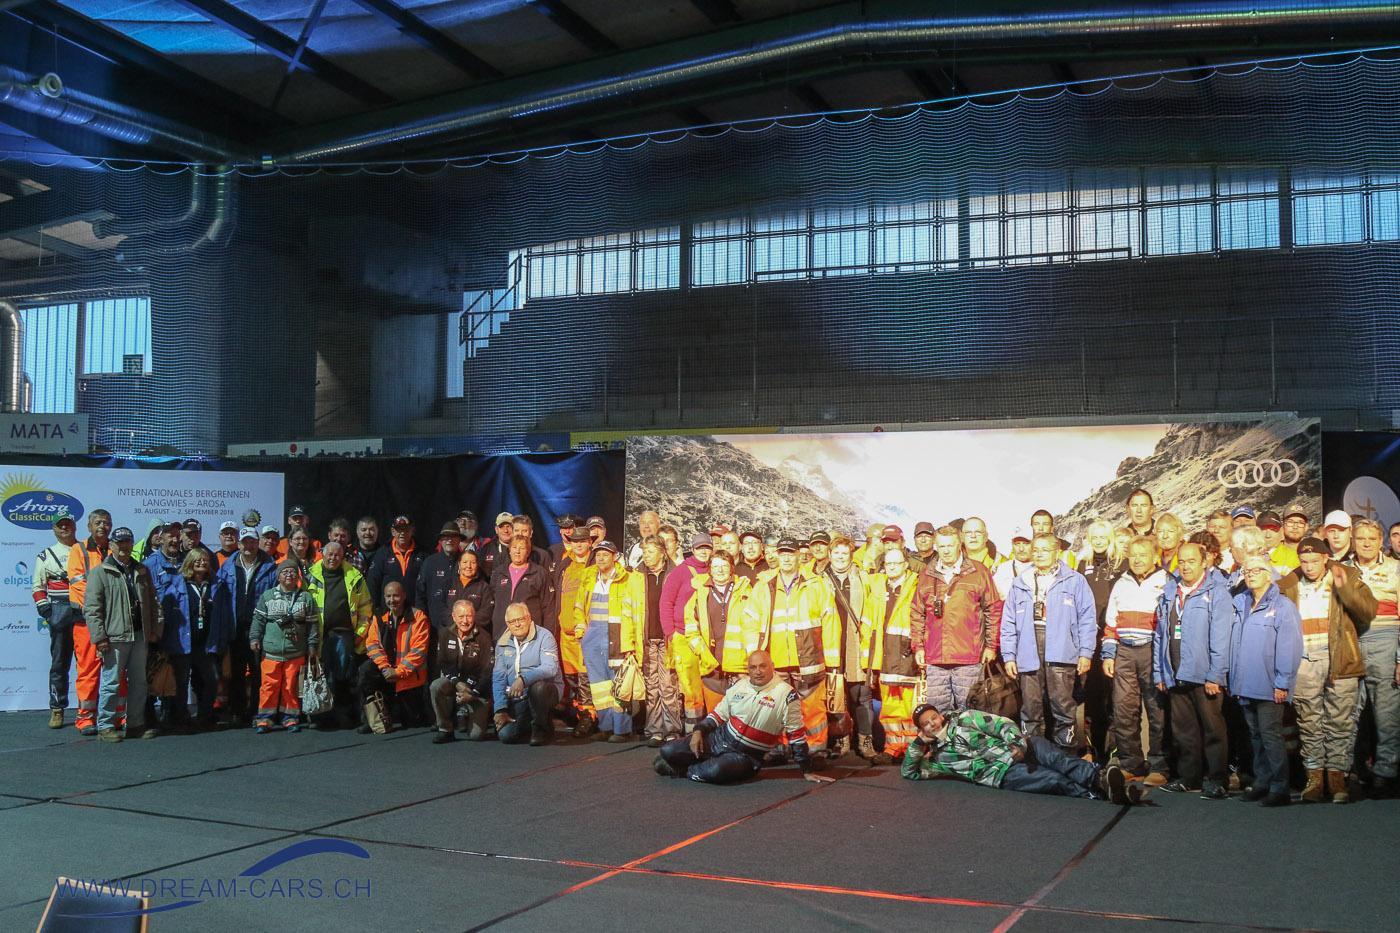 Arosa ClassicCar 2018 Weit über 100 Streckenposten waren während den 3 Tagen im Einsatz